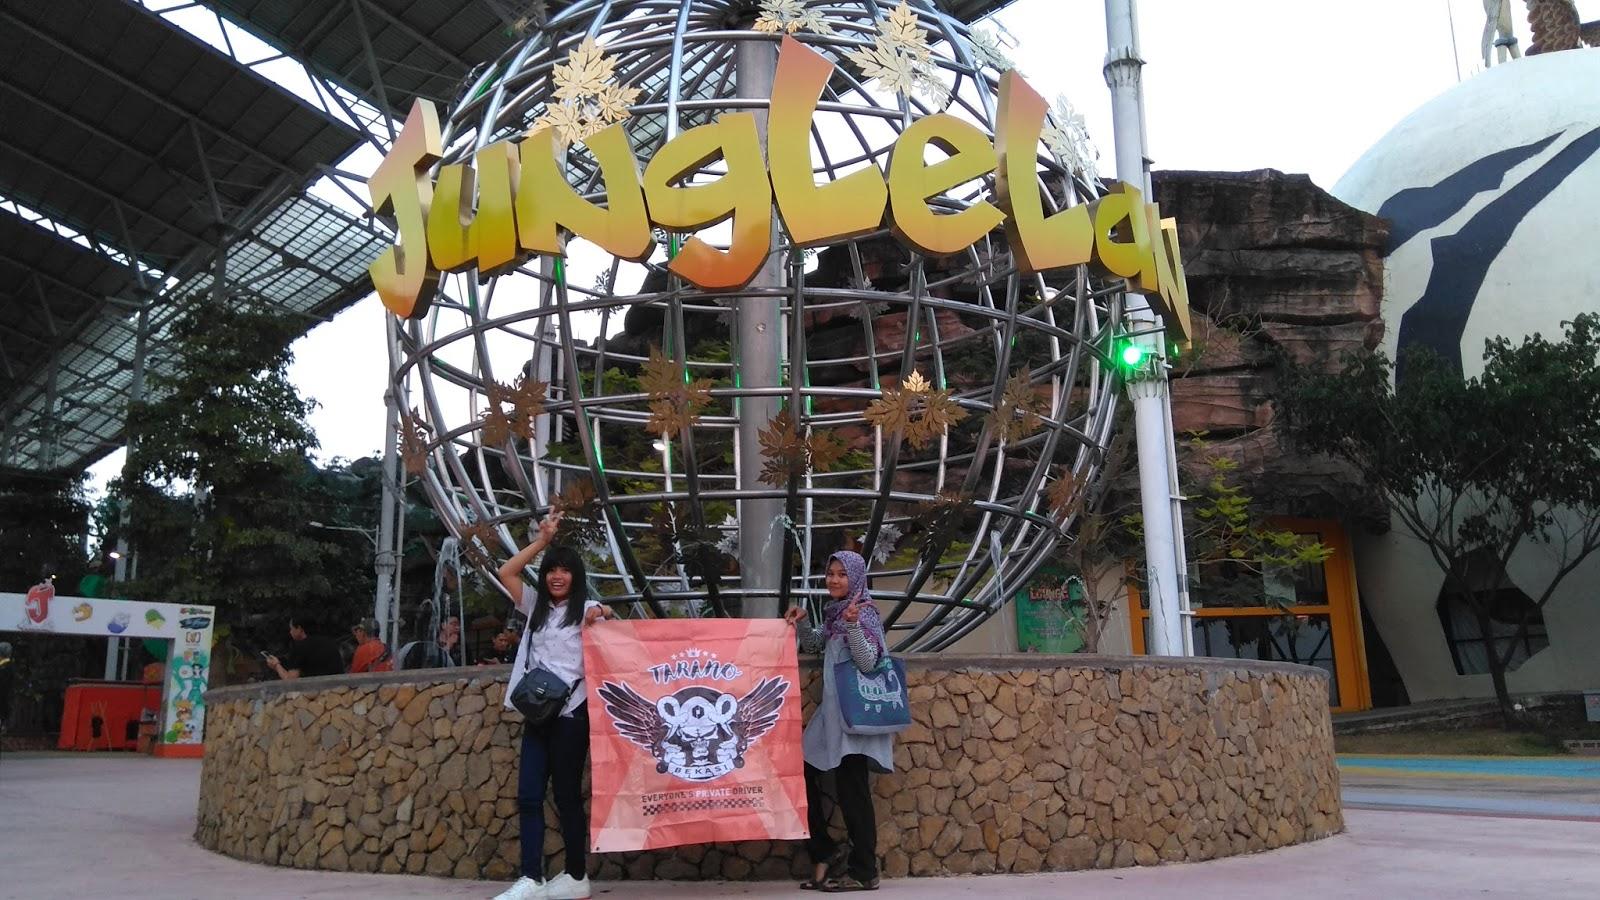 Kiki Rachmadewis Blog Jungleland Sentul City Bogor Wahana Tiket Jumpa Lagi Kita Sekian Lama Menunggu Cerita Ku Ya Baiklah Hari Ini Kiky Rd Akan Bercerita Tentang Trip Atau Tamasya Keluarga Ke